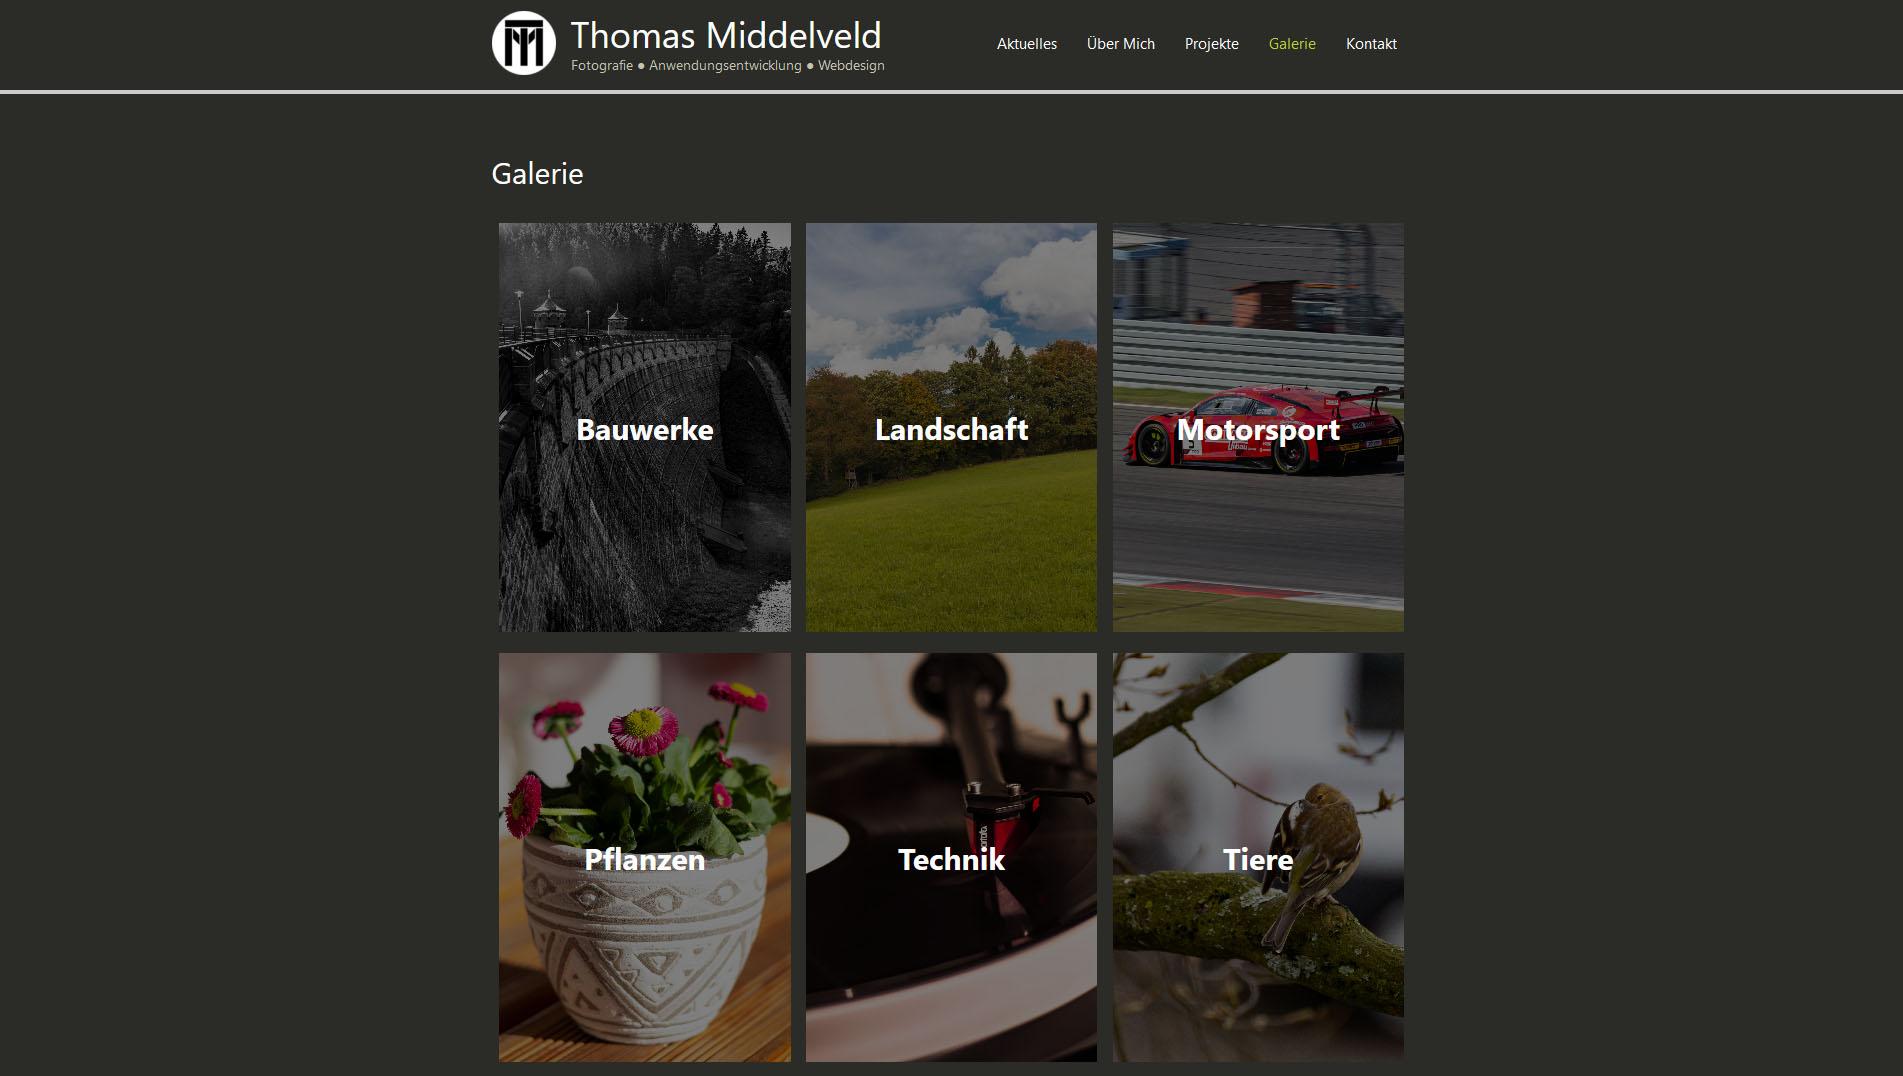 Neues Webseiten-Design - Vordergrundbild